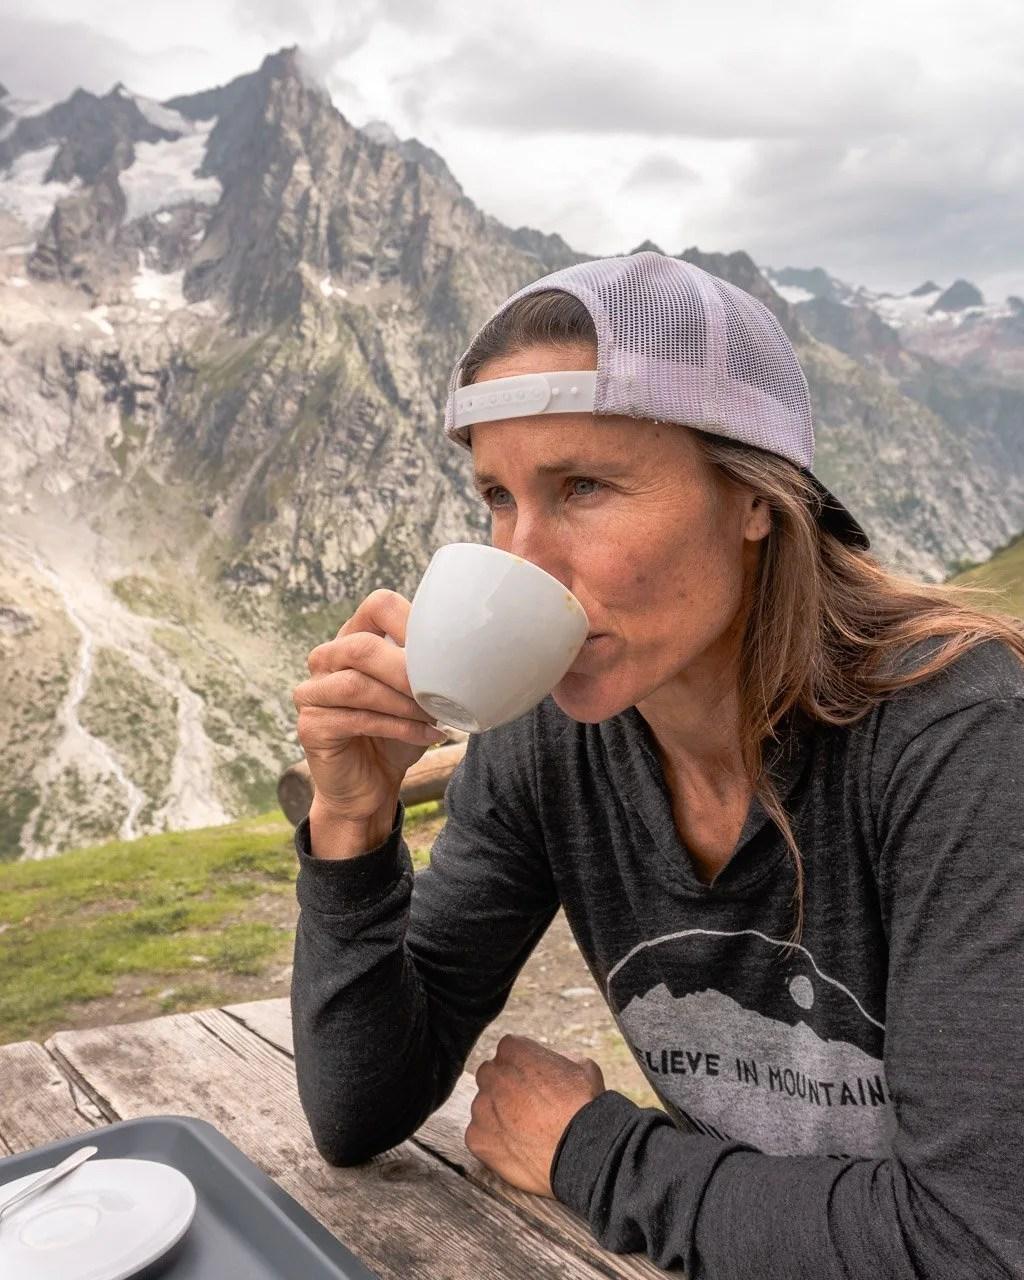 Rigugio Bonatti on Tour du Mont Blanc, Italy